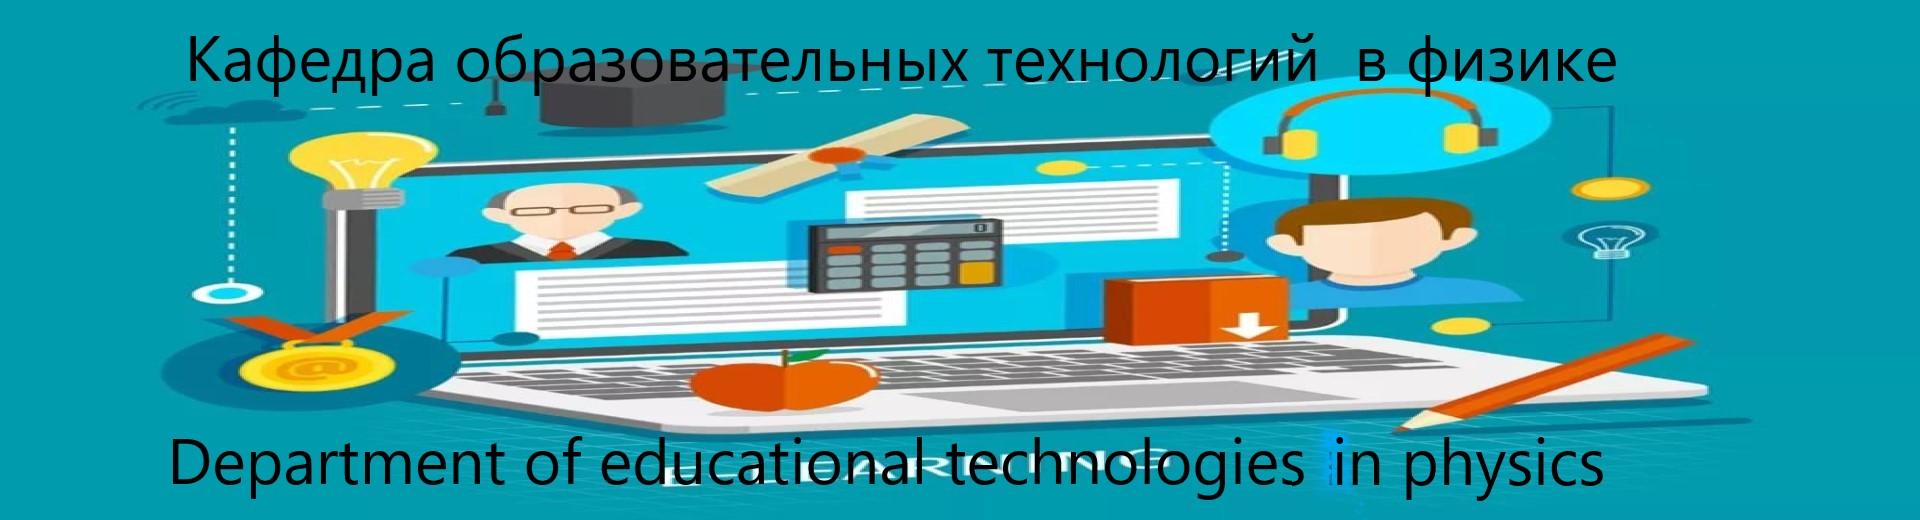 Портал КФУ \ Образование \ Институт физики \ Институт физики \ Кафедры \ Кафедра образовательных технологий в физике